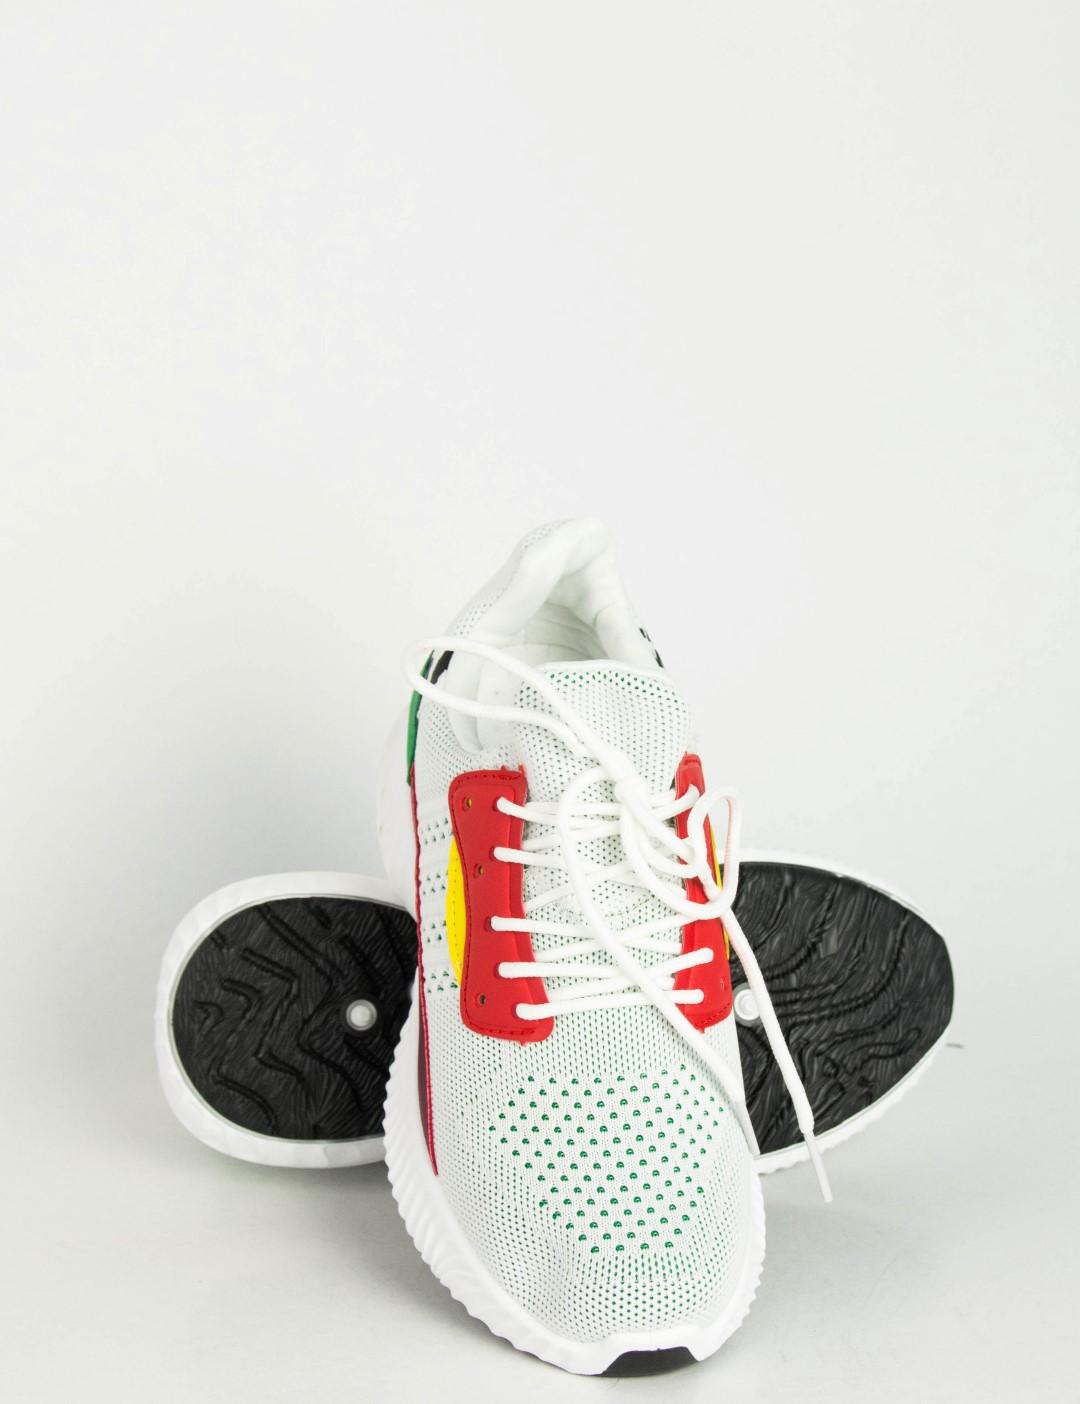 b4d13b2df9d Γυναικεία γκρι αθλητικά Sneakers παπούτσια με glitter J2F | Fashion ...